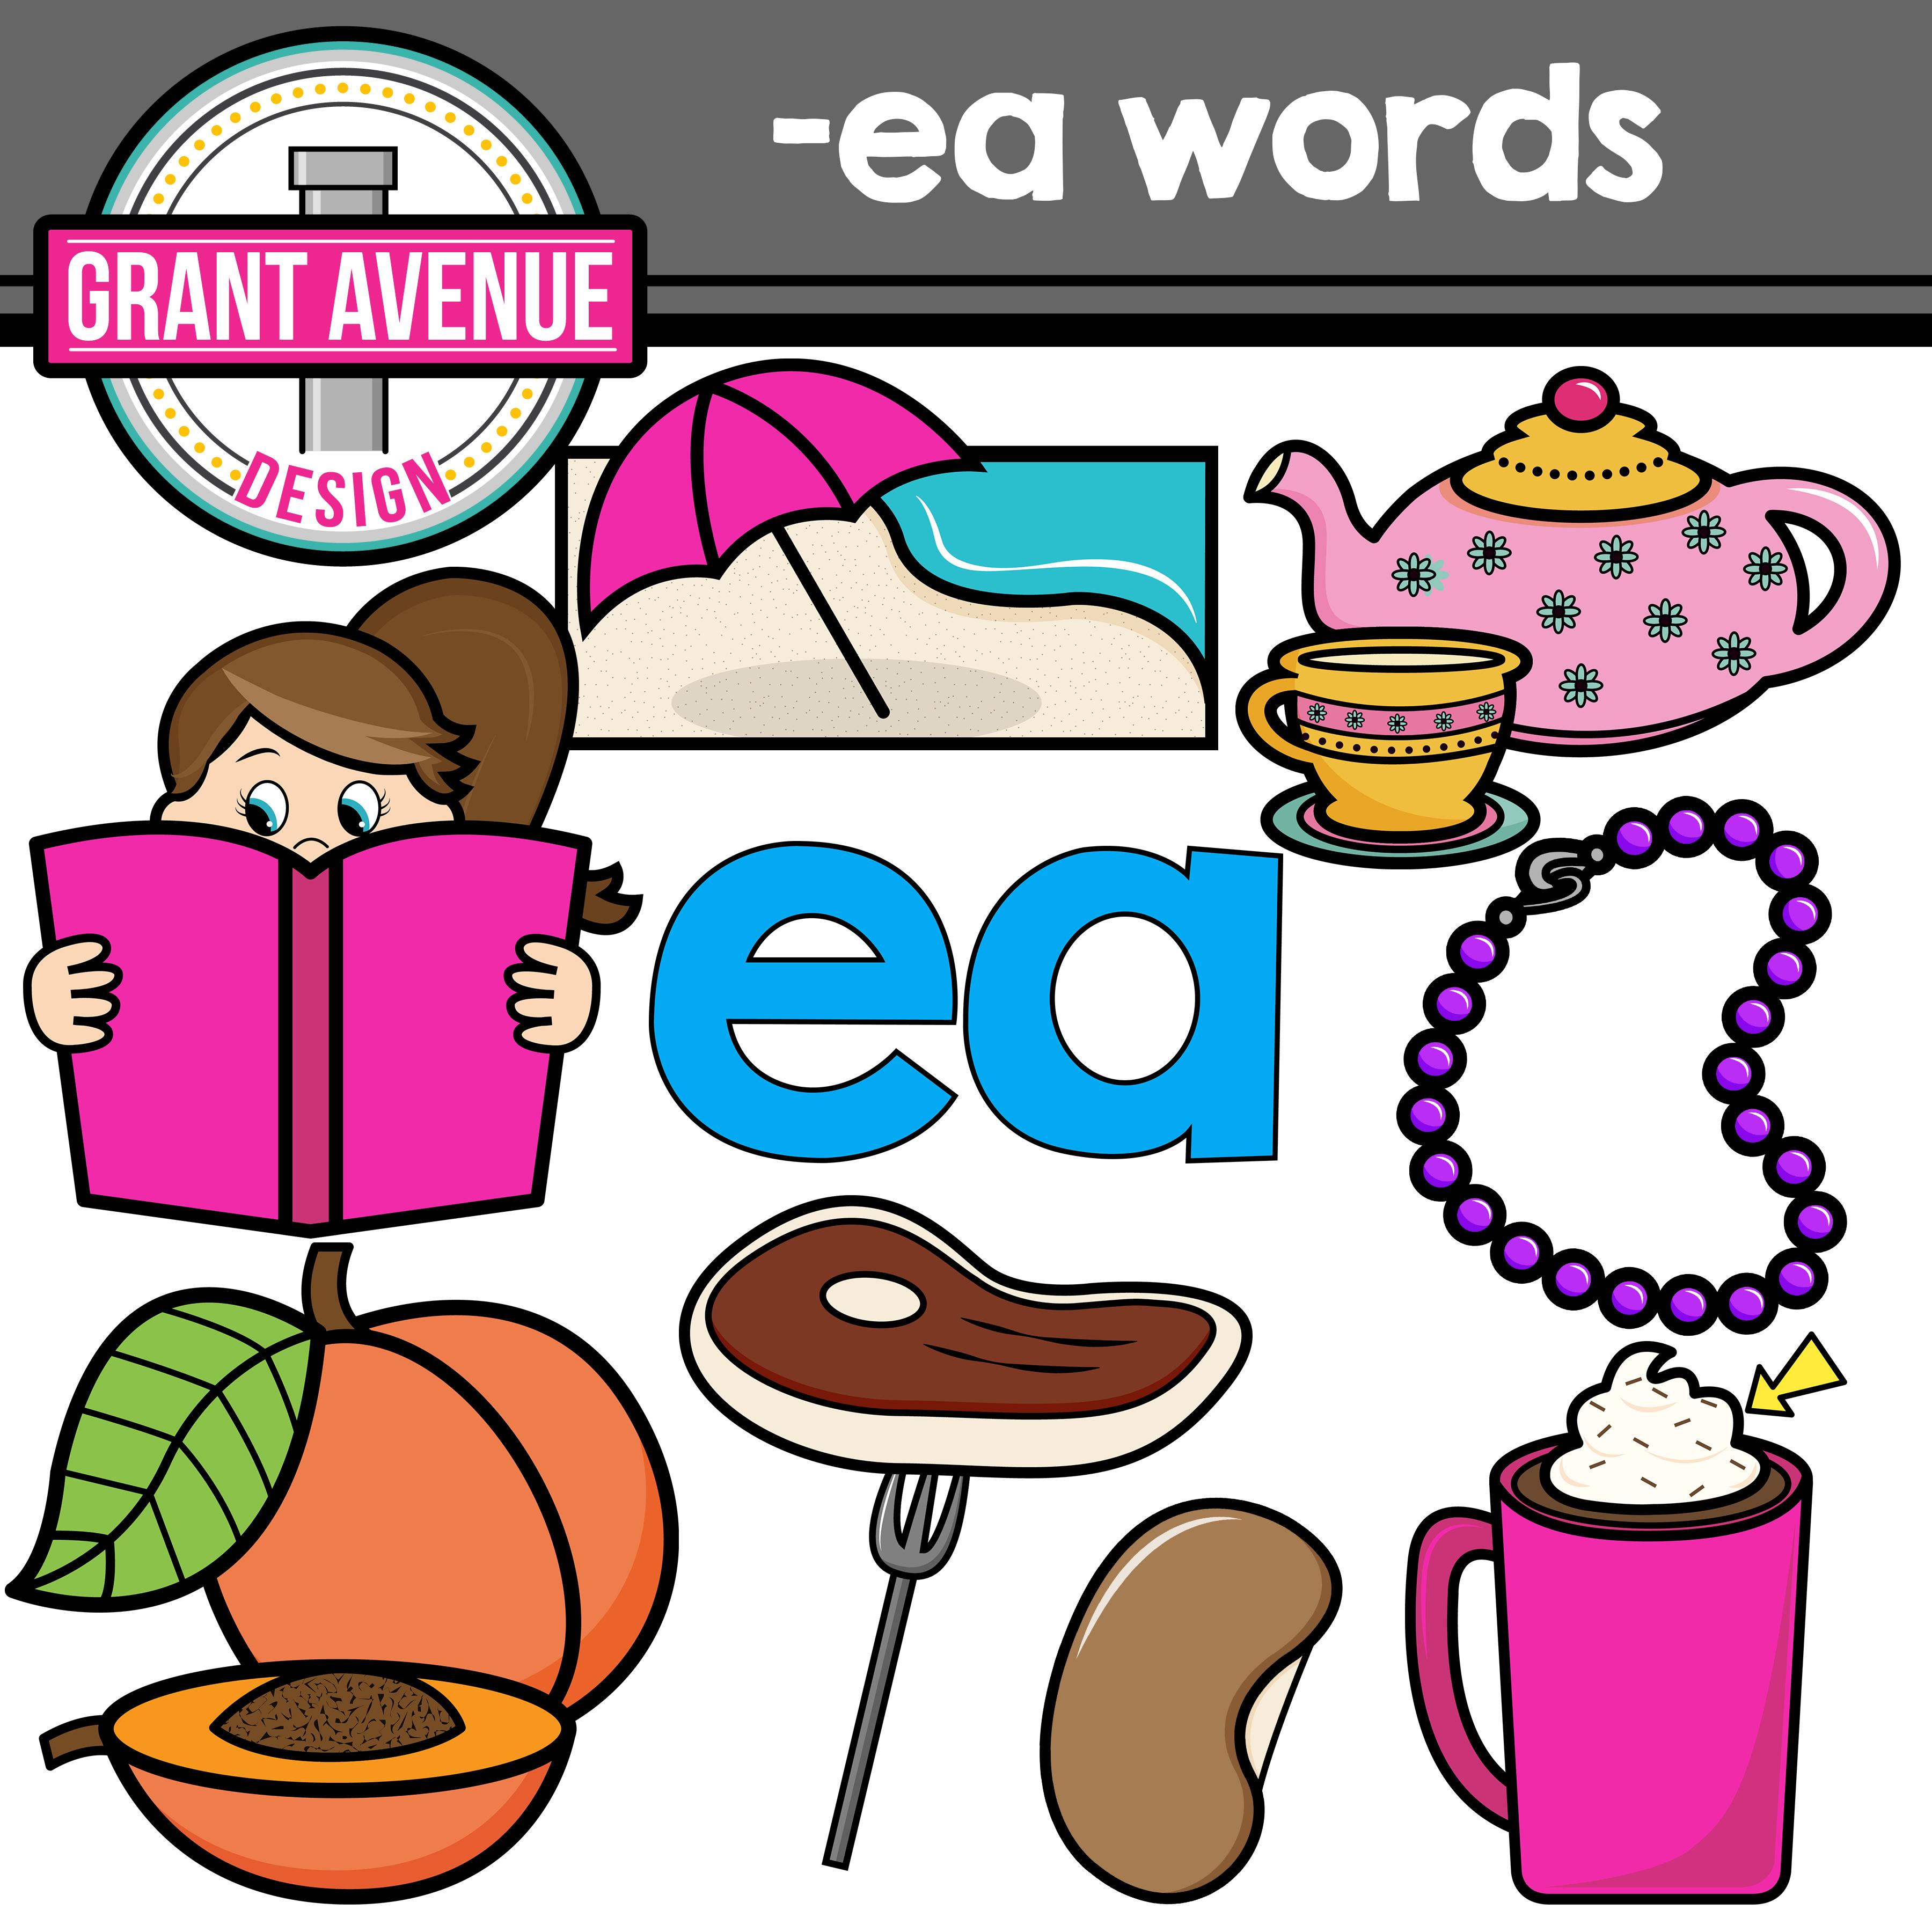 Words clipart. Grant avenue design vowel